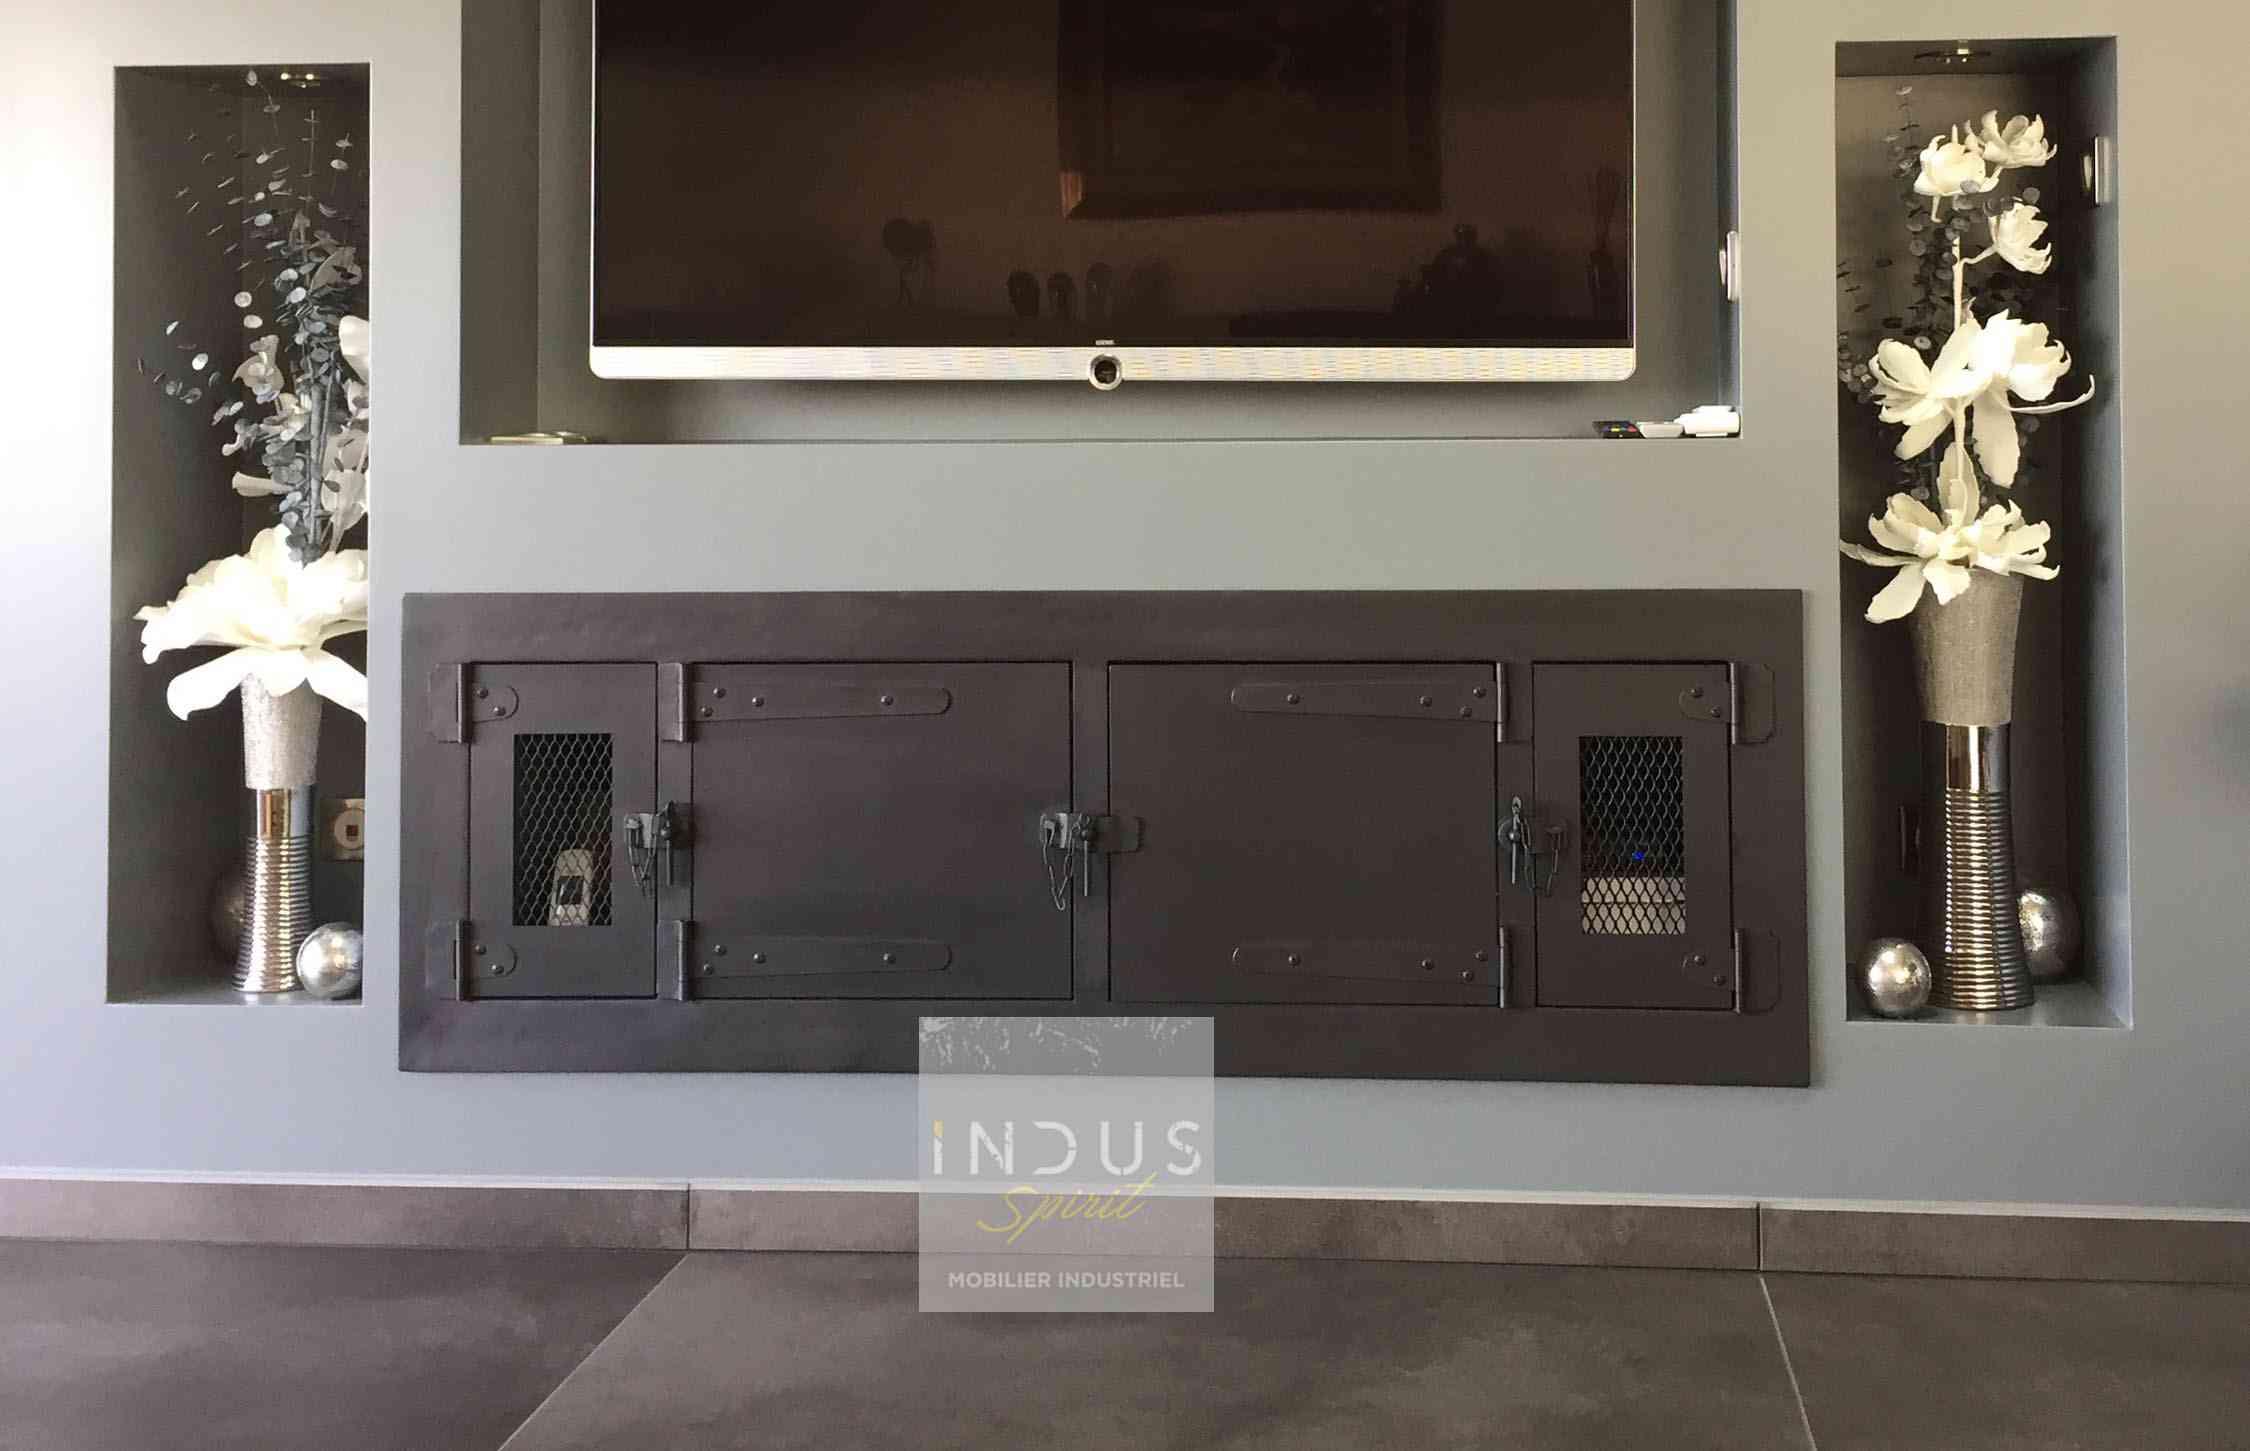 meuble-TV-industriel-sur-mesure-intégré.jpg